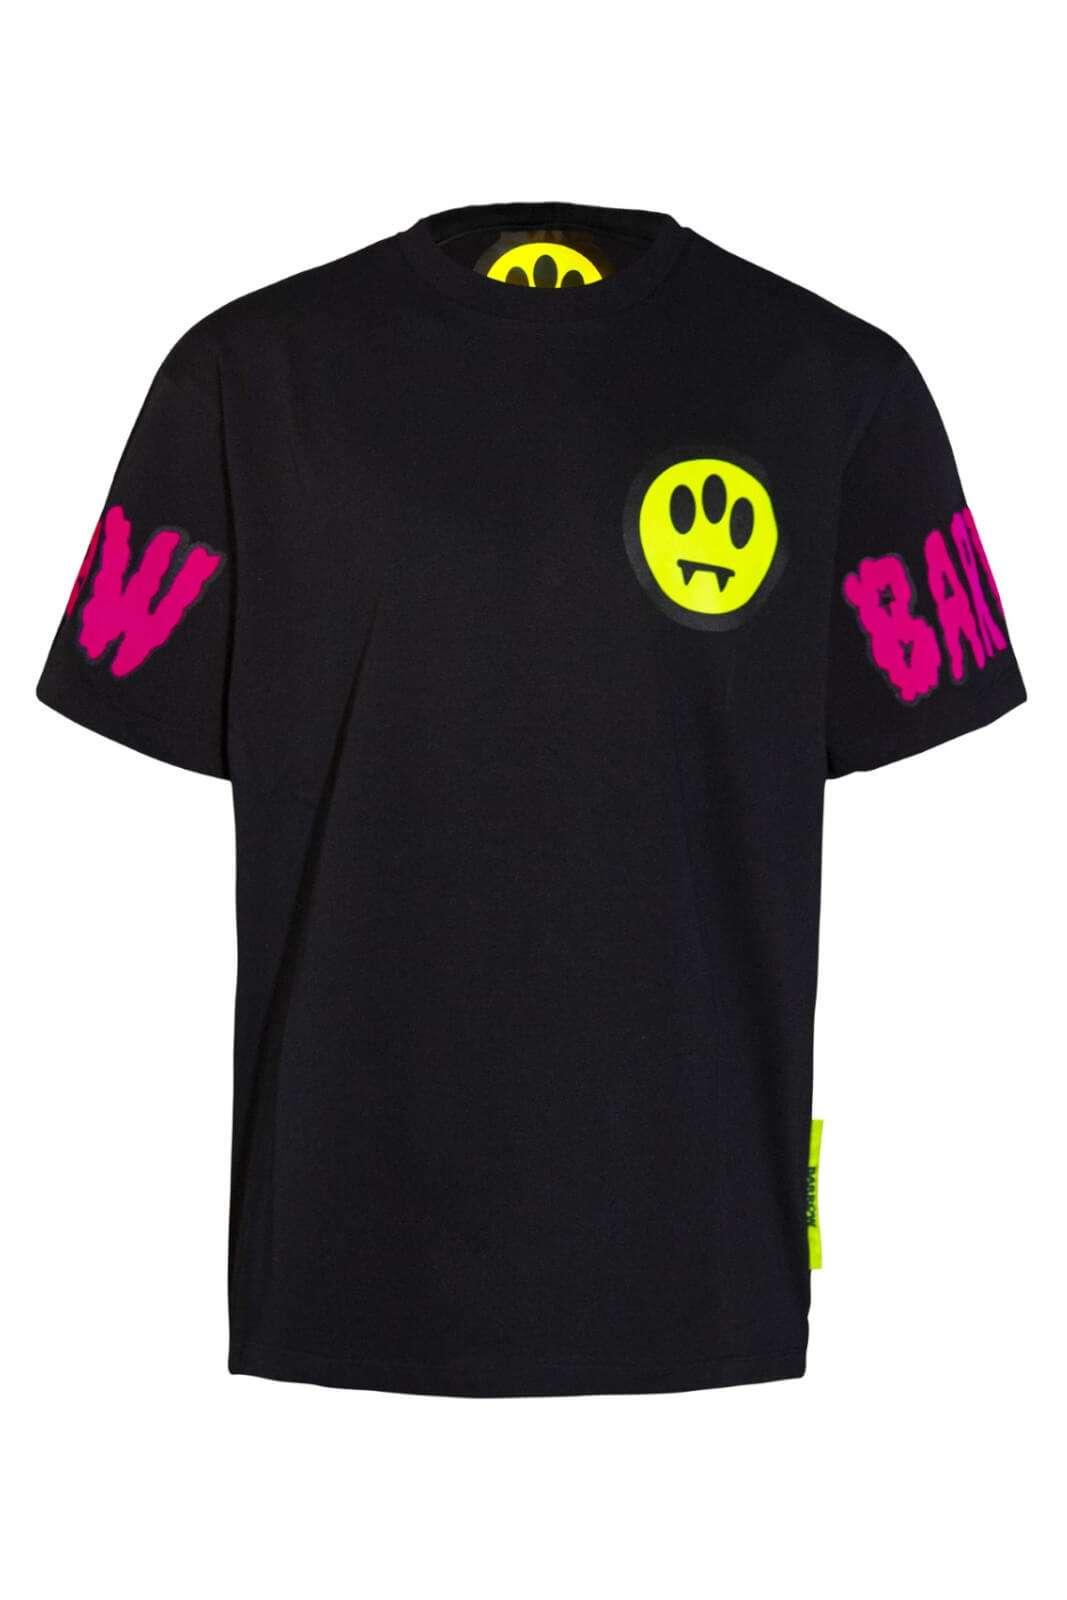 Un tripudio di colori per la nuova T shirt firmata dalla collezione uomo Barrow.  Le stampe flock alle maniche e le stampe serigrafiche sul corpo si impongono per un risultato inimitabile.  Colori fluo su smile per un successo assicurato.